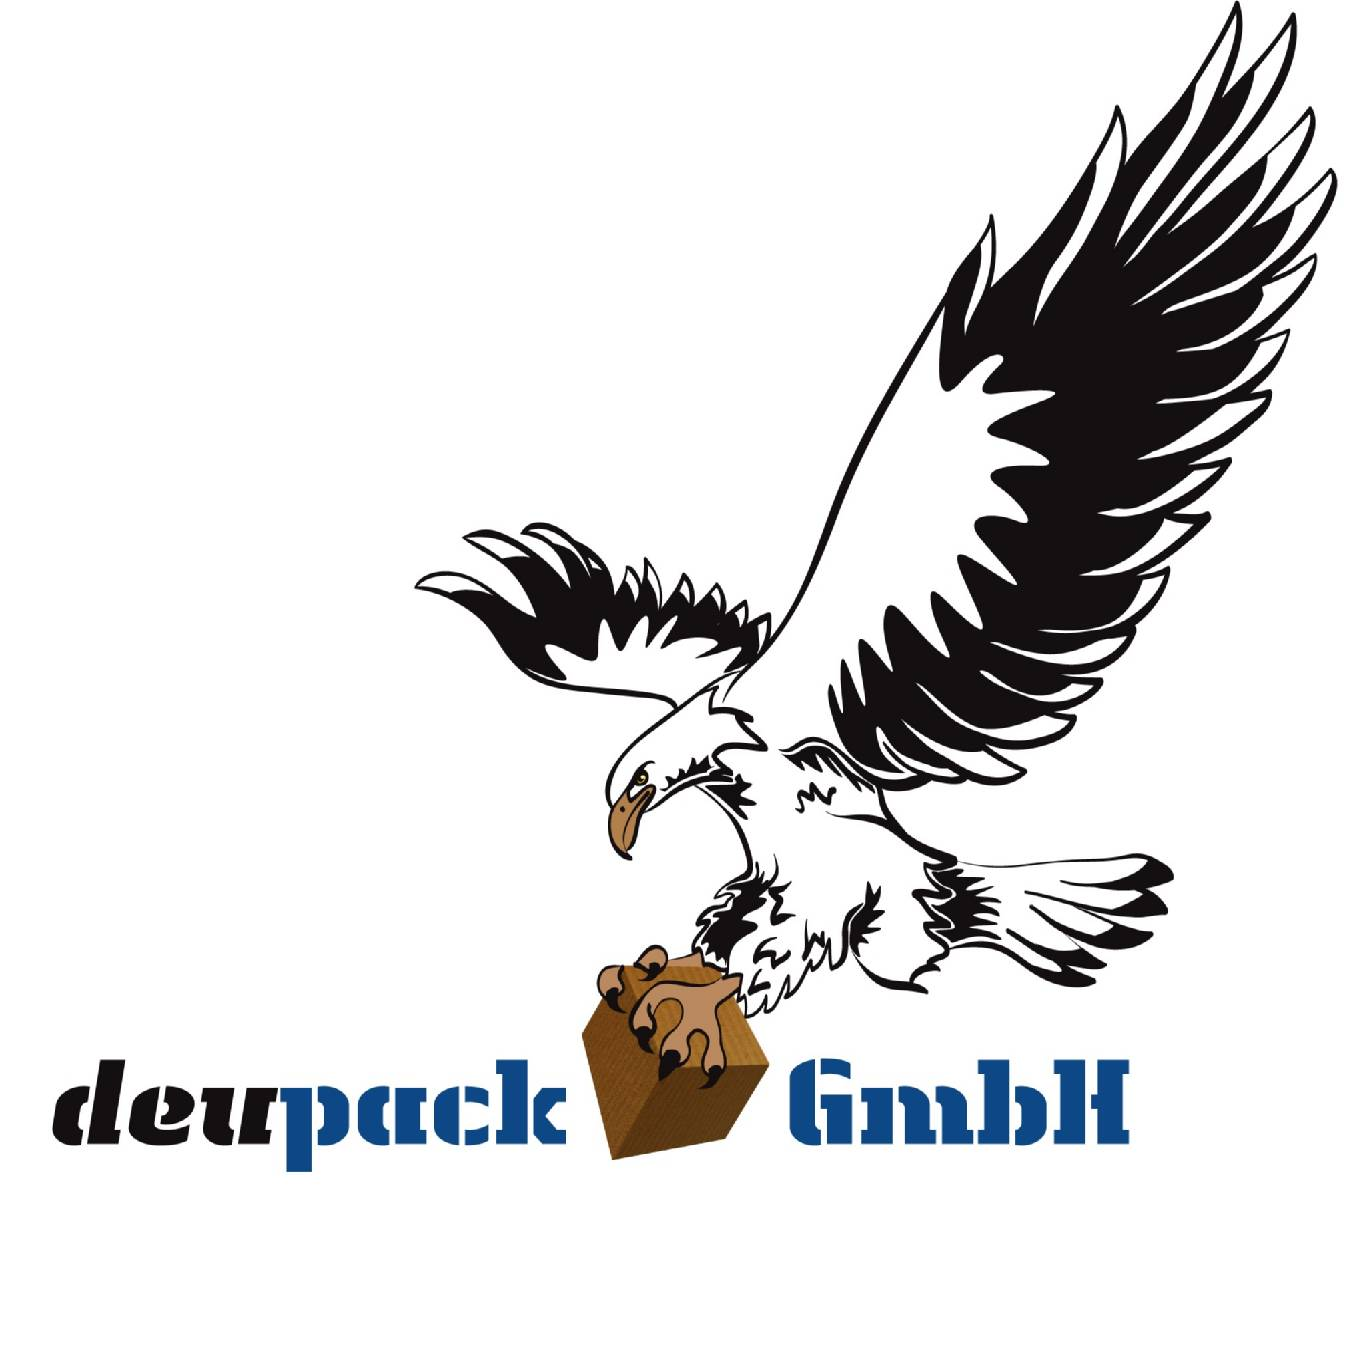 deupack GmbH